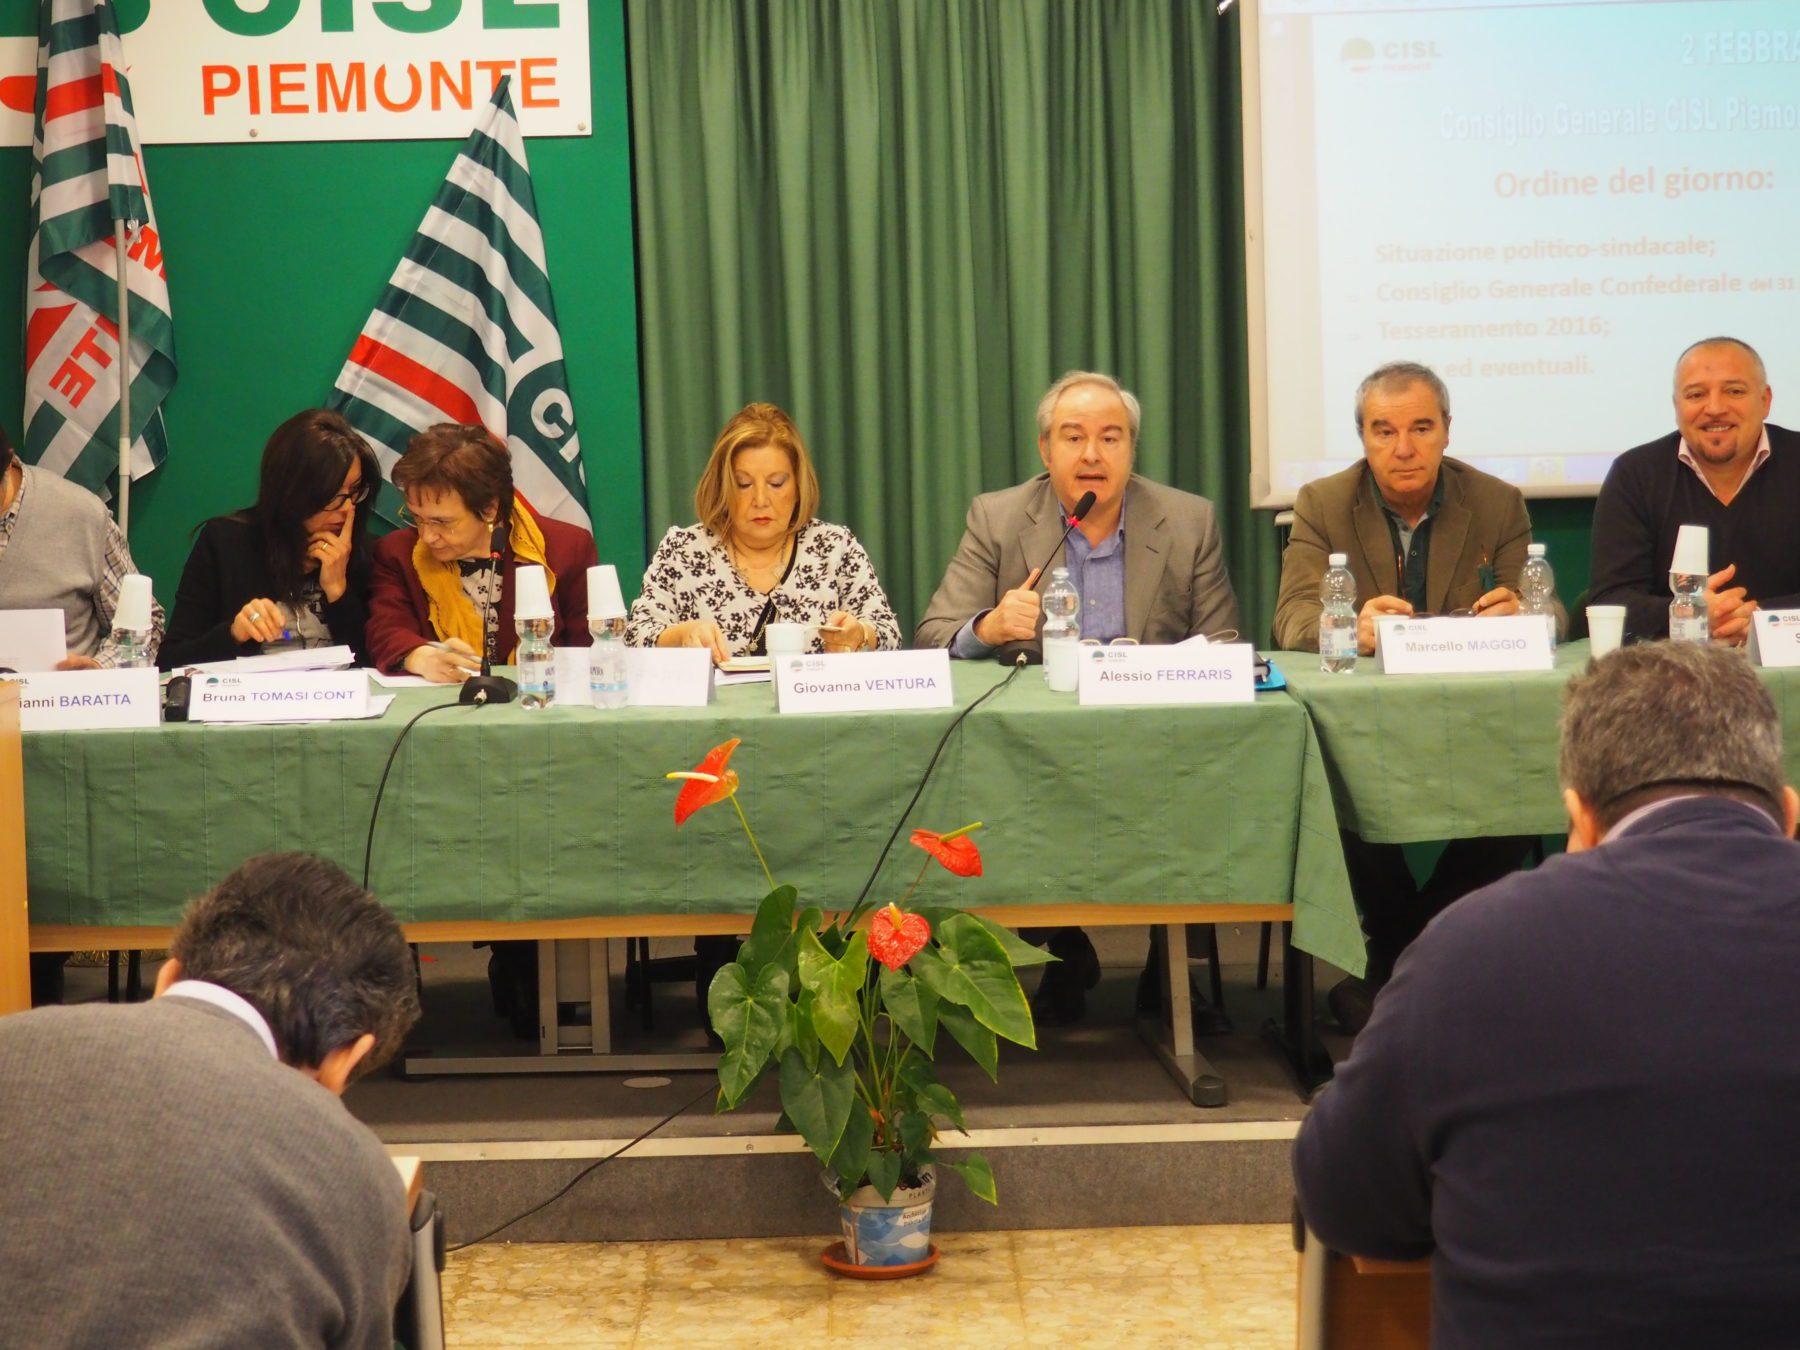 Il tavolo della presidenza al Consiglio generale Cisl Piemonte con ferrarsi che parla